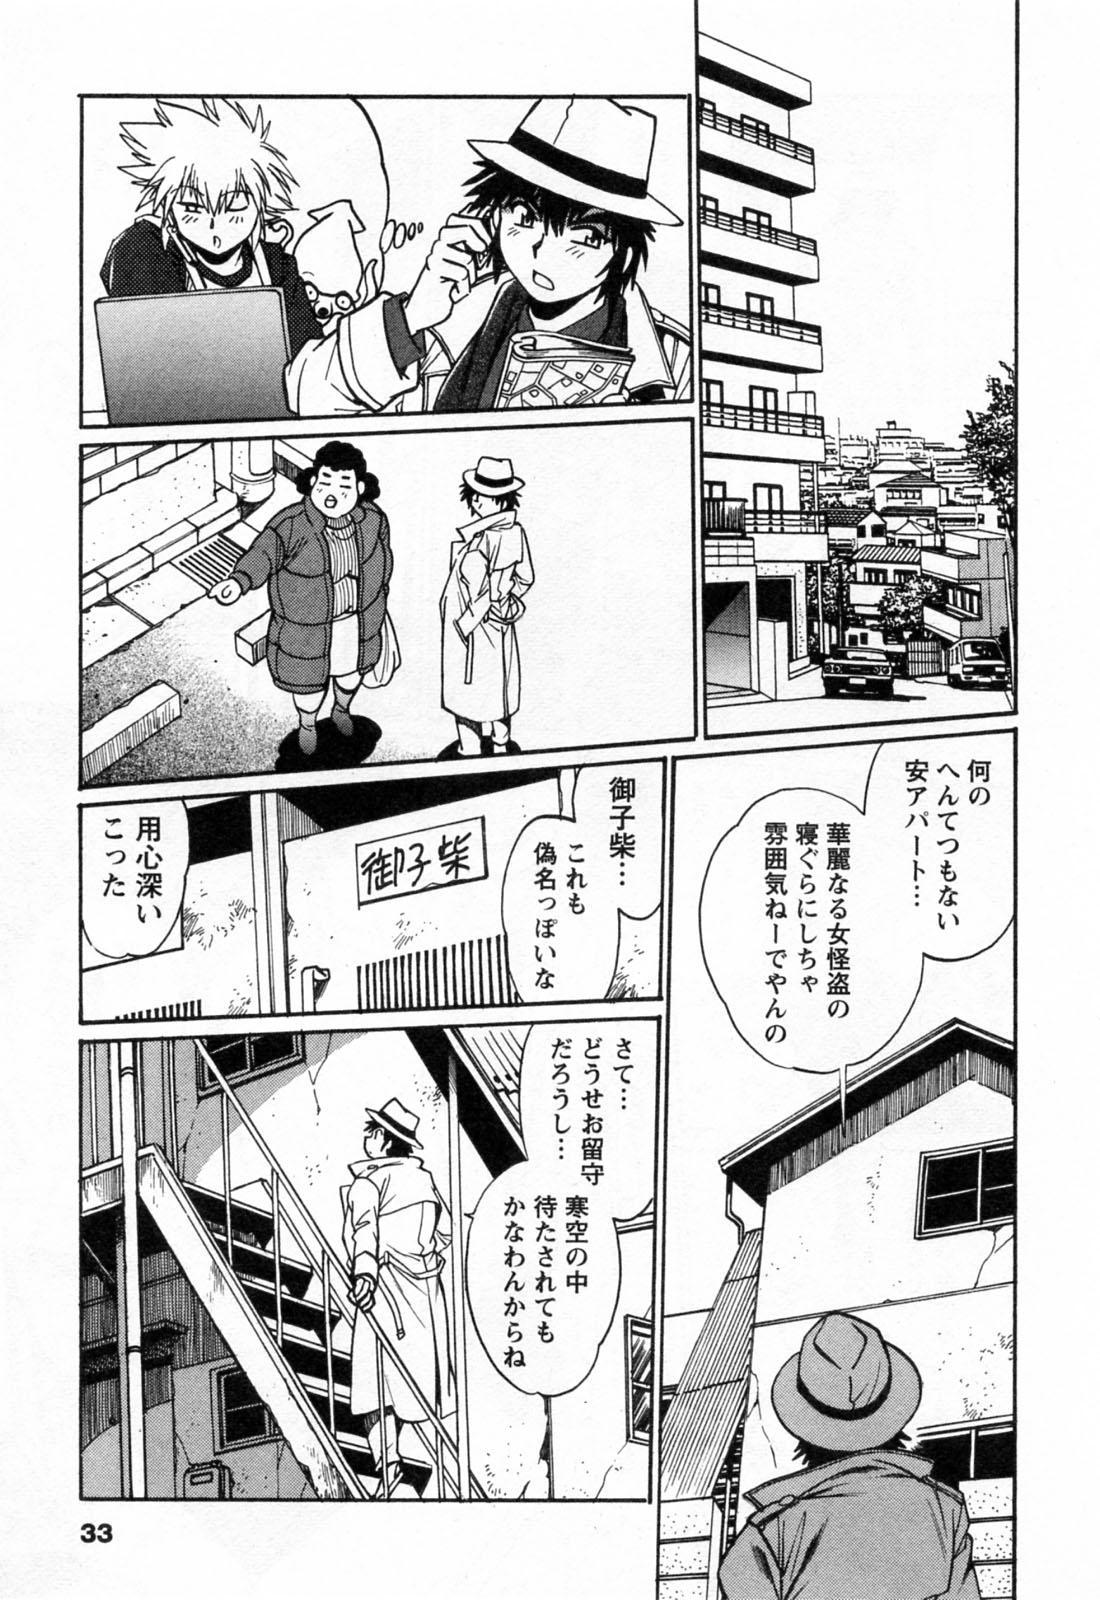 Makunouchi Deluxe 3 34